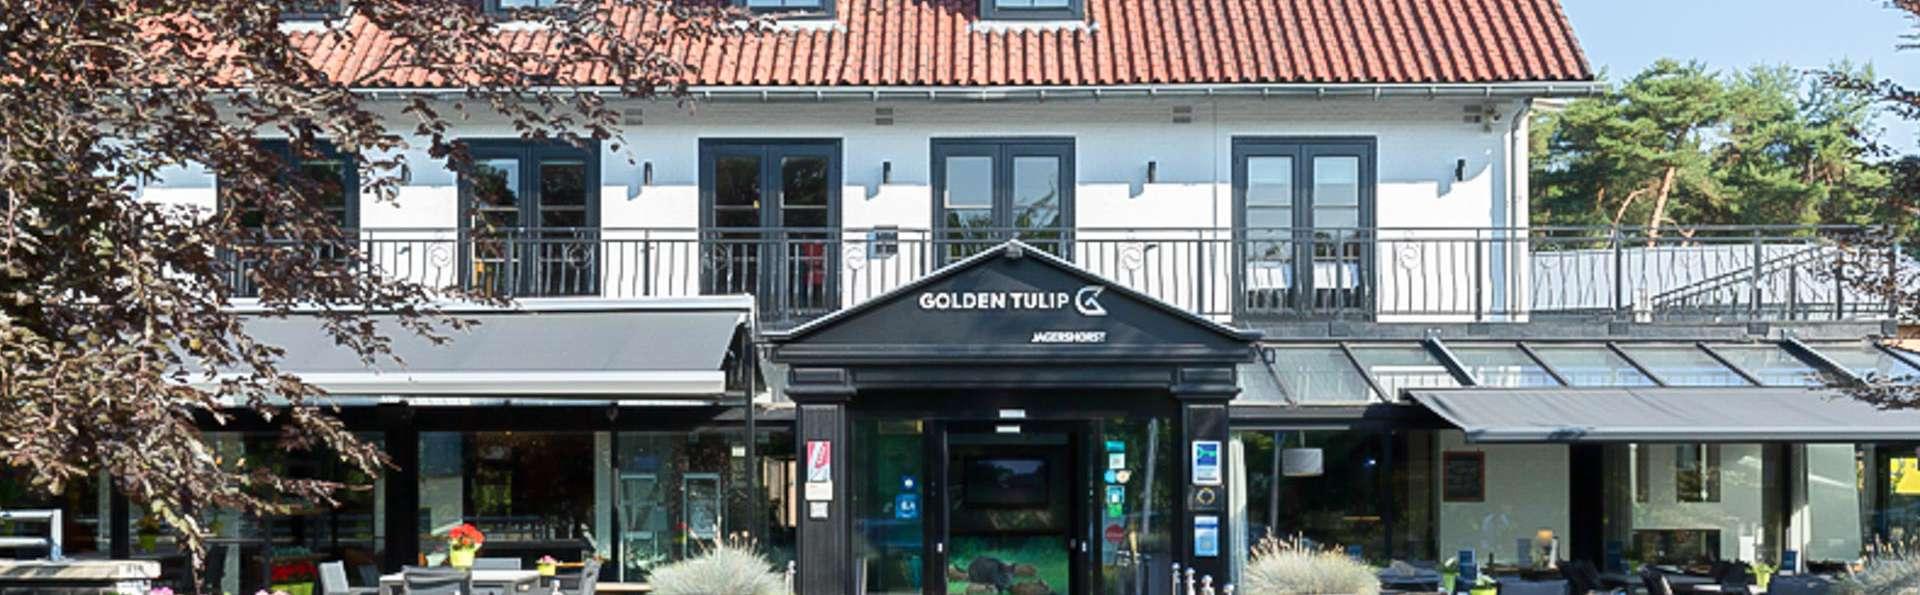 Golden Tulip Jagershorst - EDIT_N2_FRONT_02.jpg